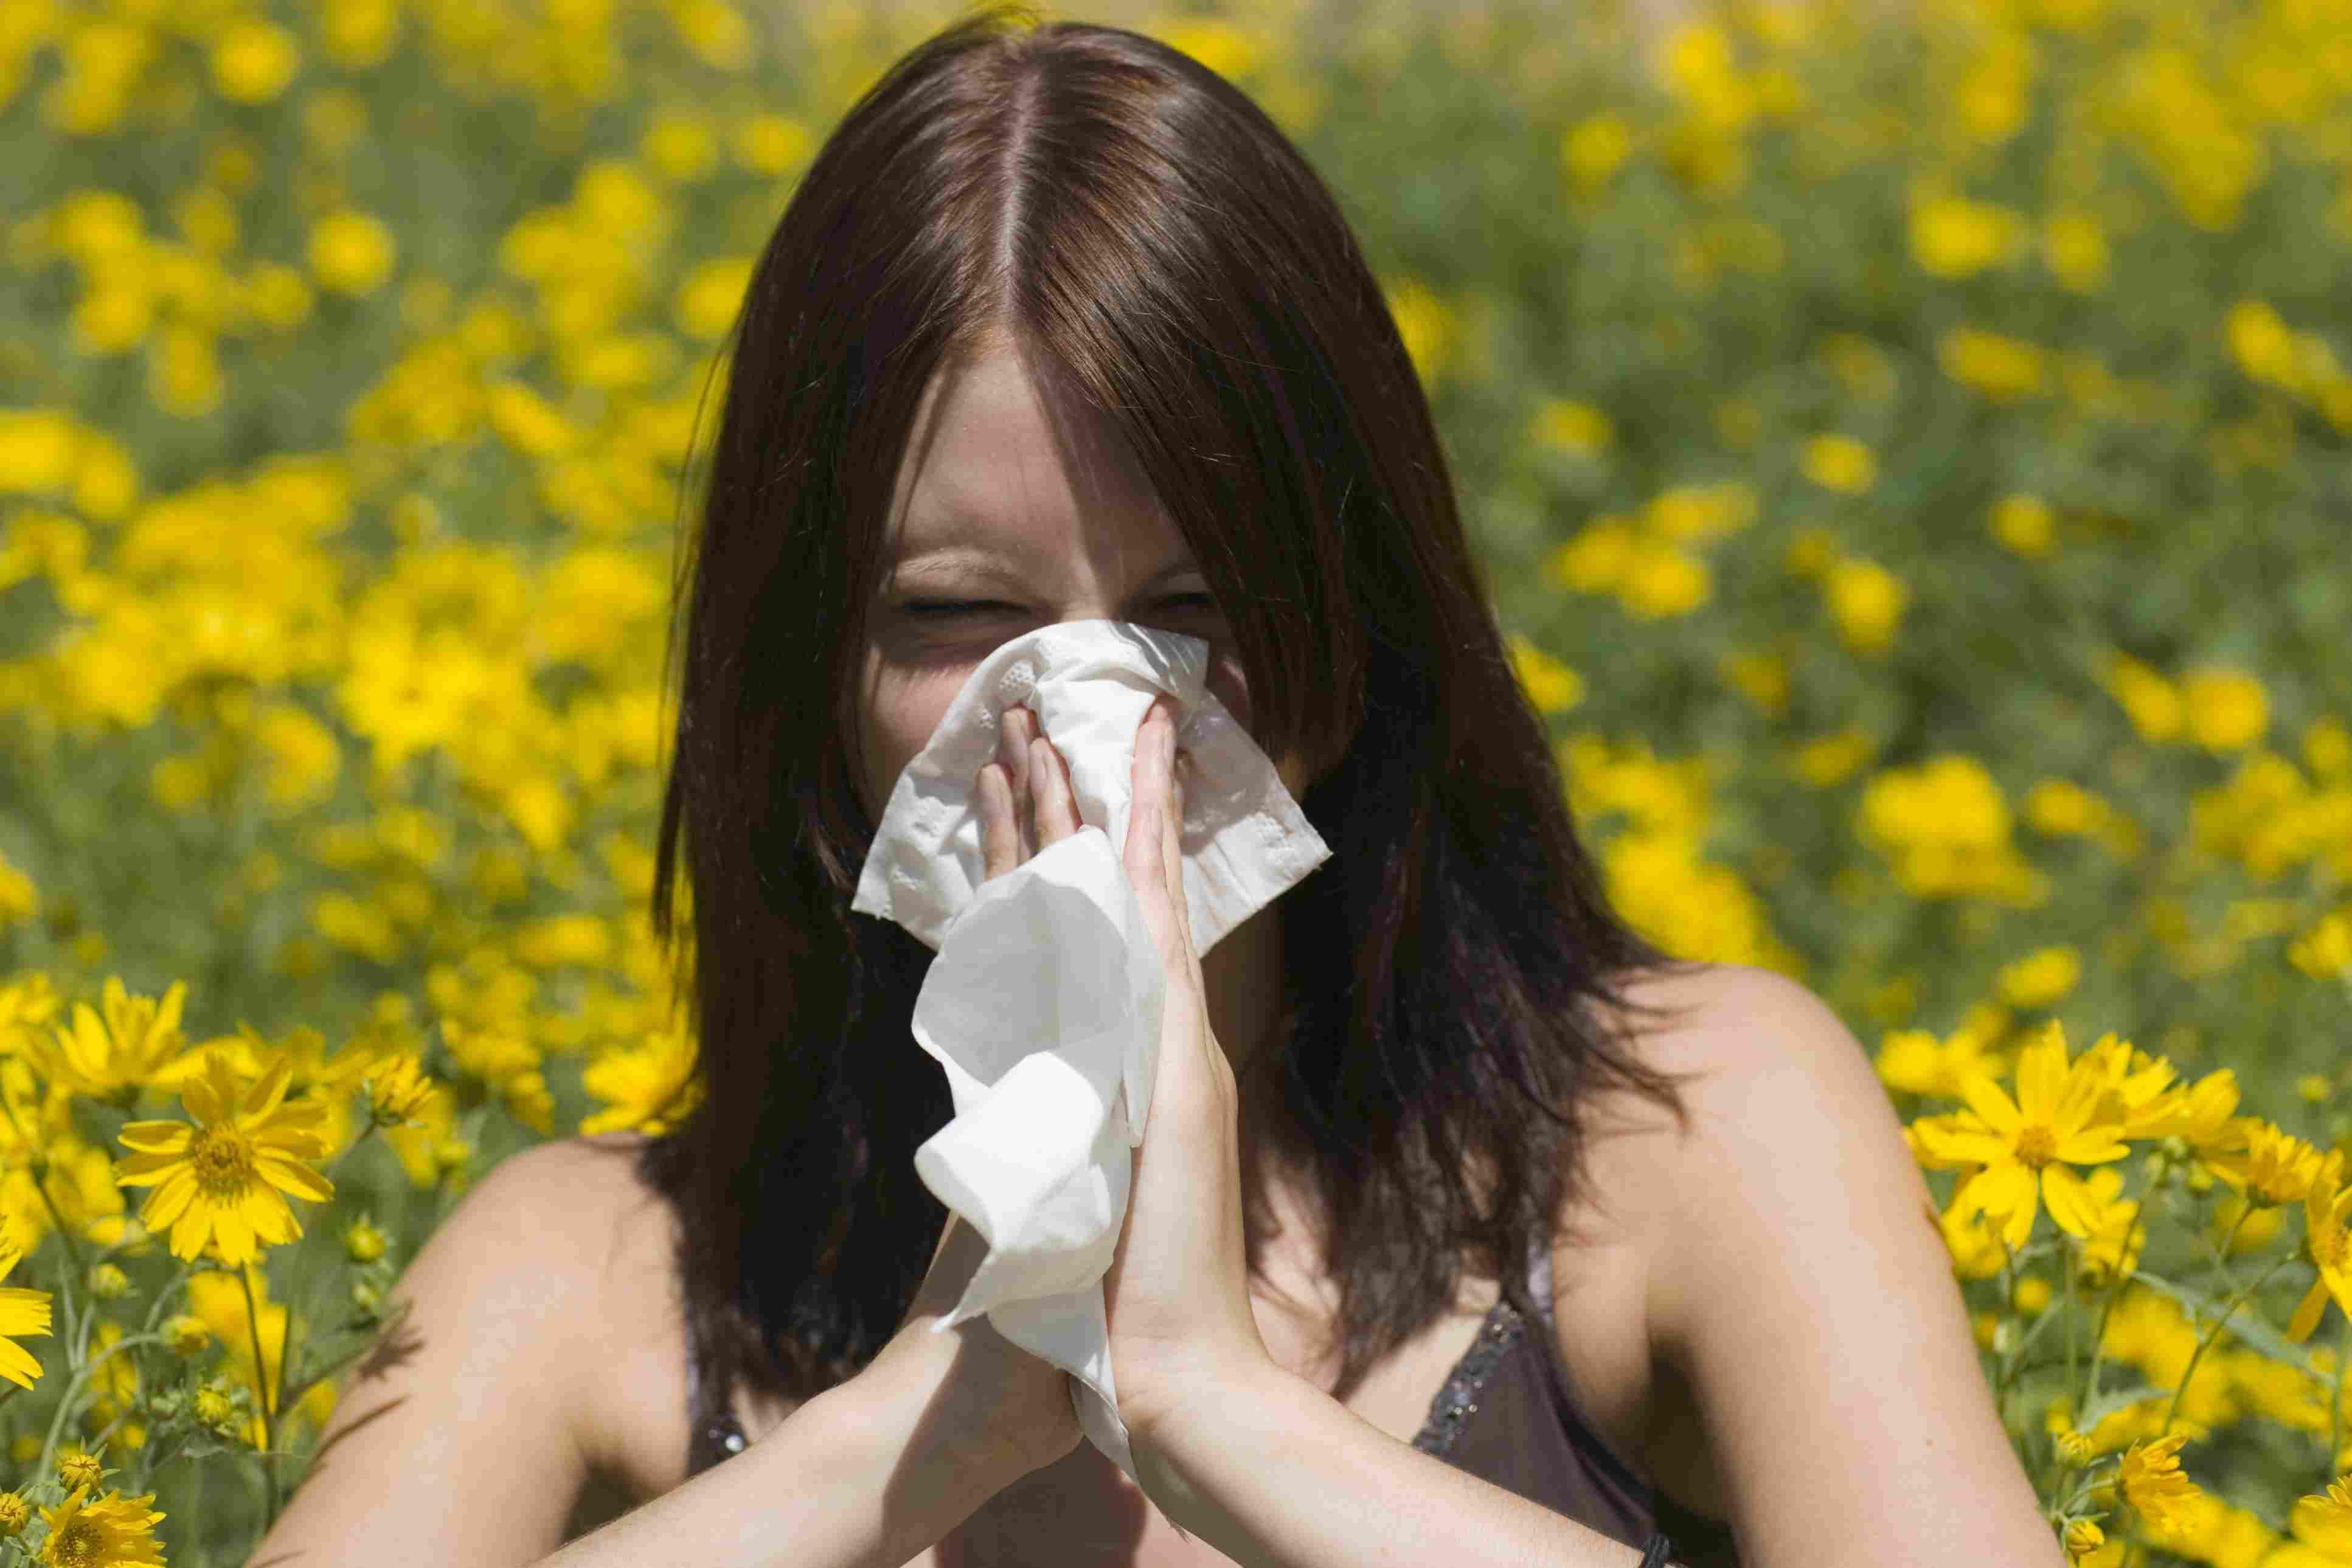 OTC Drugs for Fibromyalgia and Chronic Fatigue Syndrome